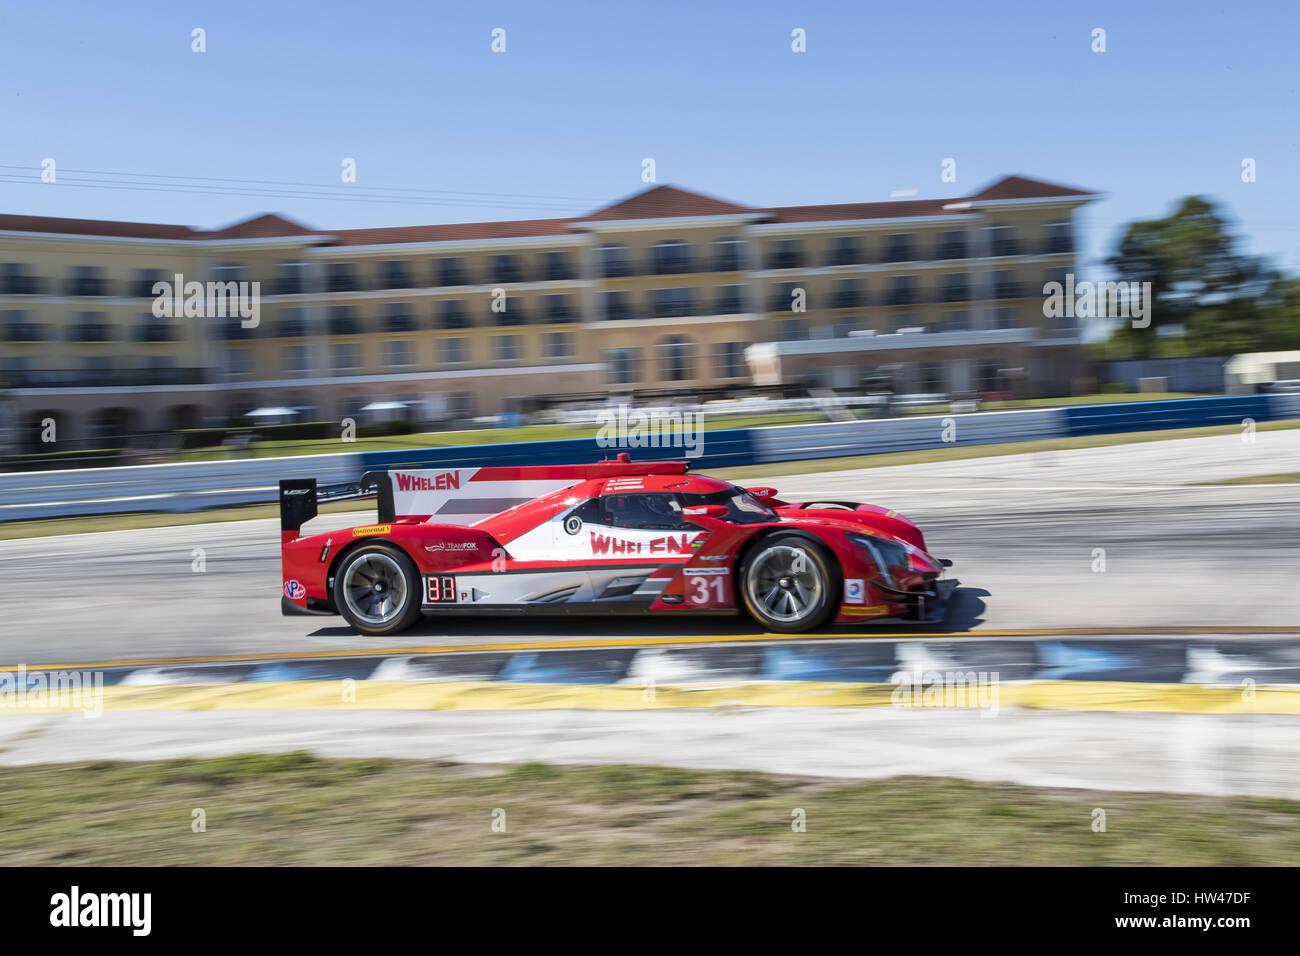 Sebring Florida Usa 16 Mrz 2017 1 Mobil The Whelen Engineering Racing Cadillac Dpi Autorennen Durch Die Kurven In Den Zwlf Stunden